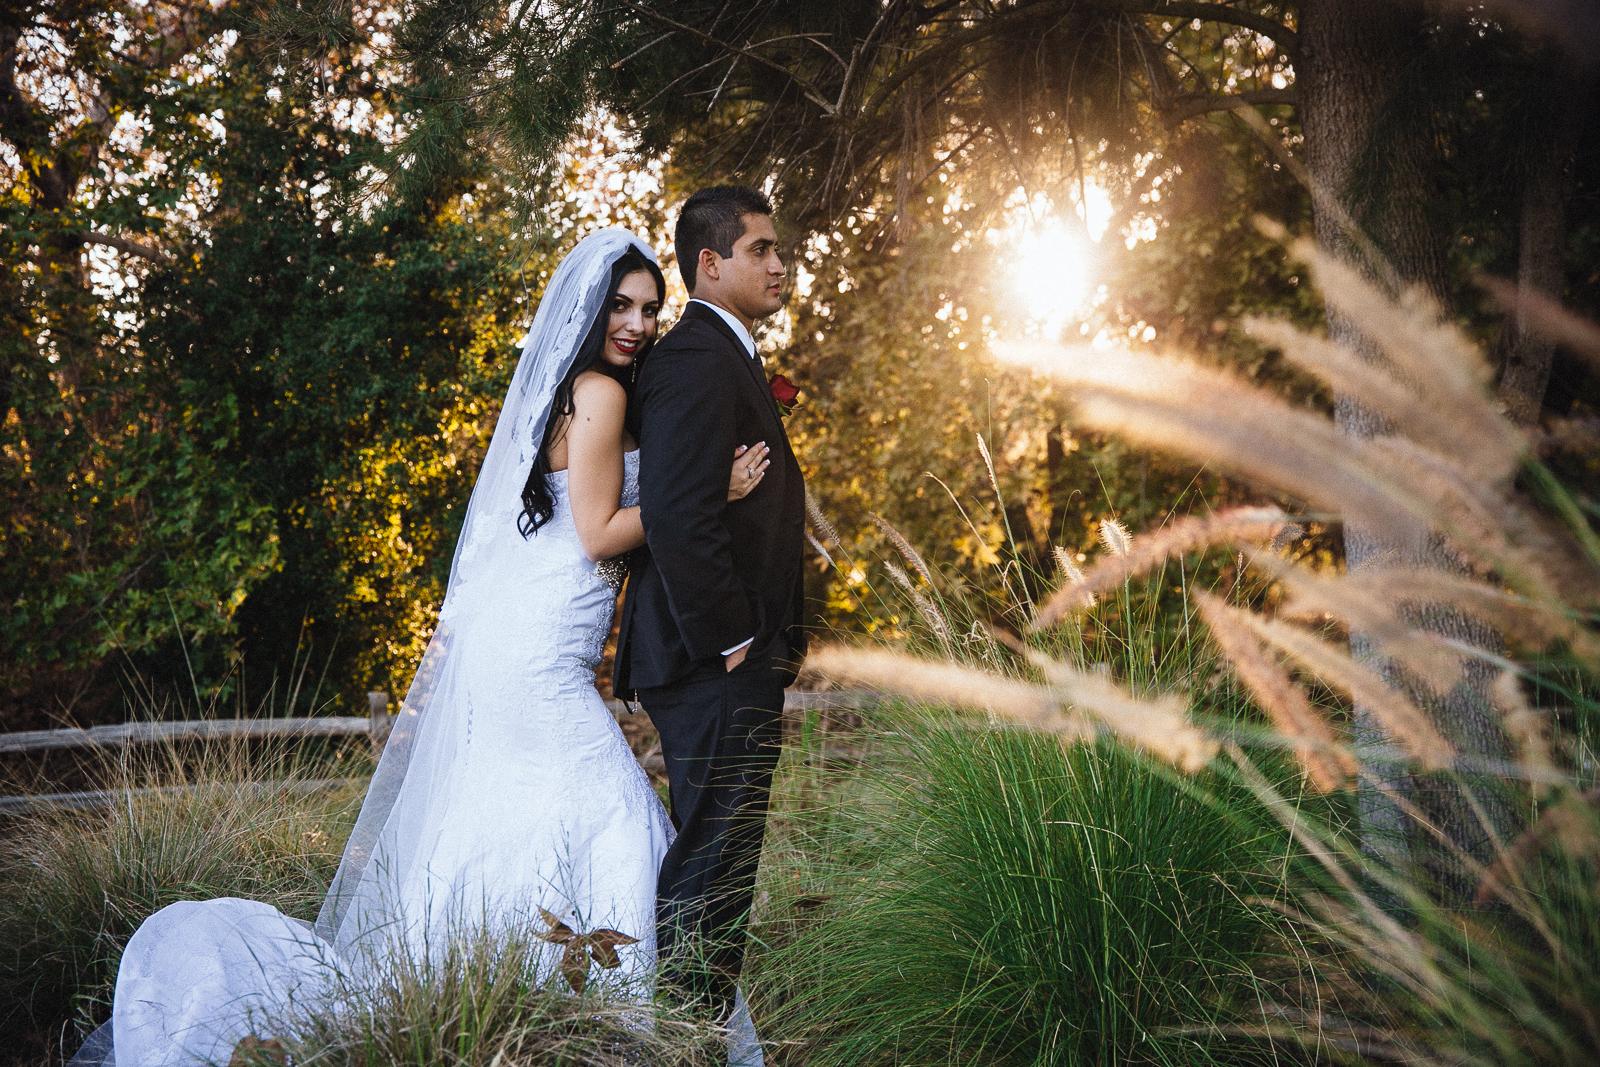 STACIE_&_JESUS_WEDDING_WEDGEWOOD_FALLBROOK_2015_2015_IMG_4708.JPG